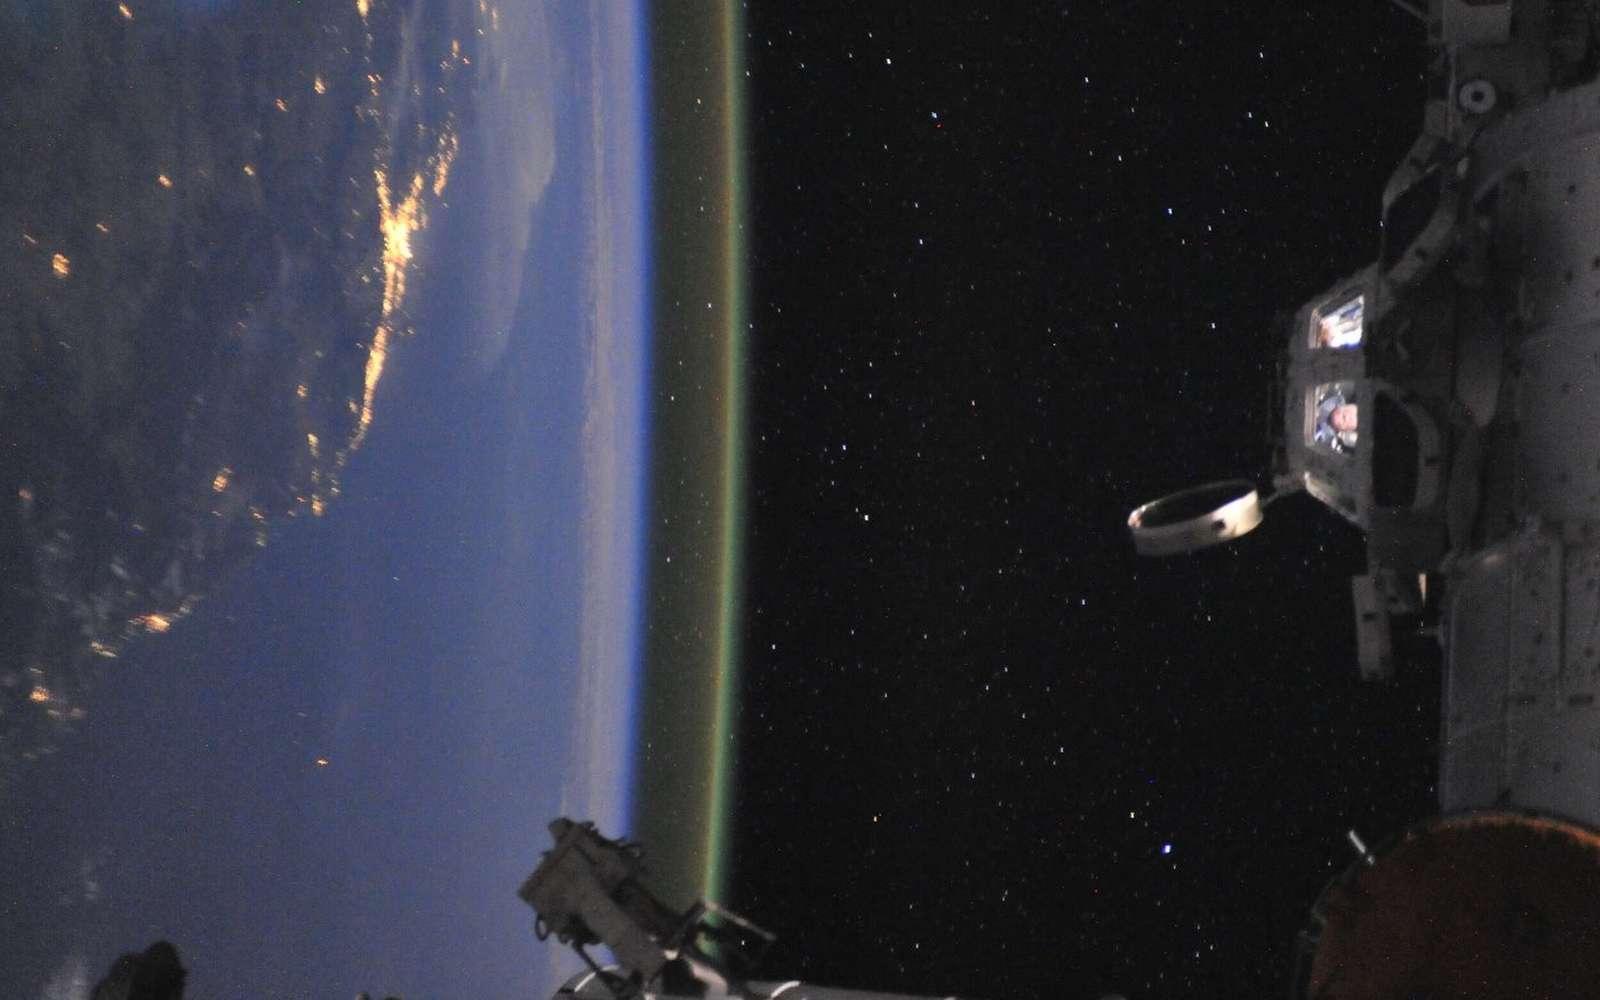 Vue imprenable sur la Terre pour les astronautes placés dans la coupole d'observation de l'ISS (à droite). © Nasa